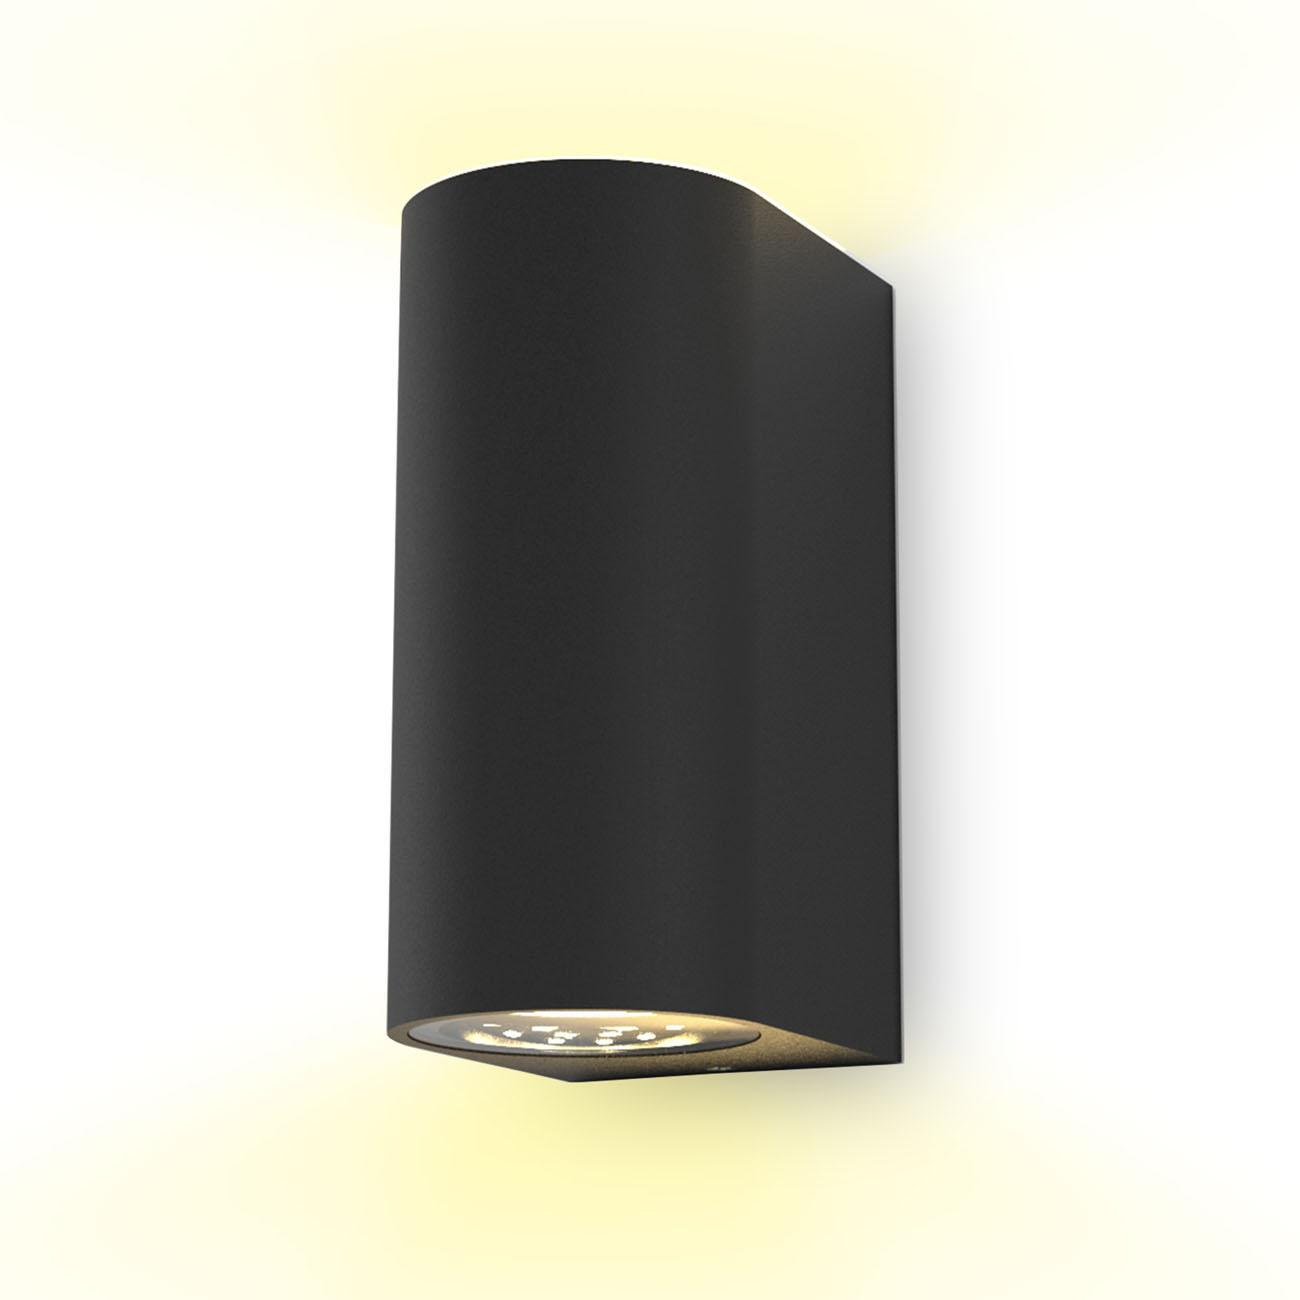 Wandleuchte für Innen und Außen schwarz GU10 - 1